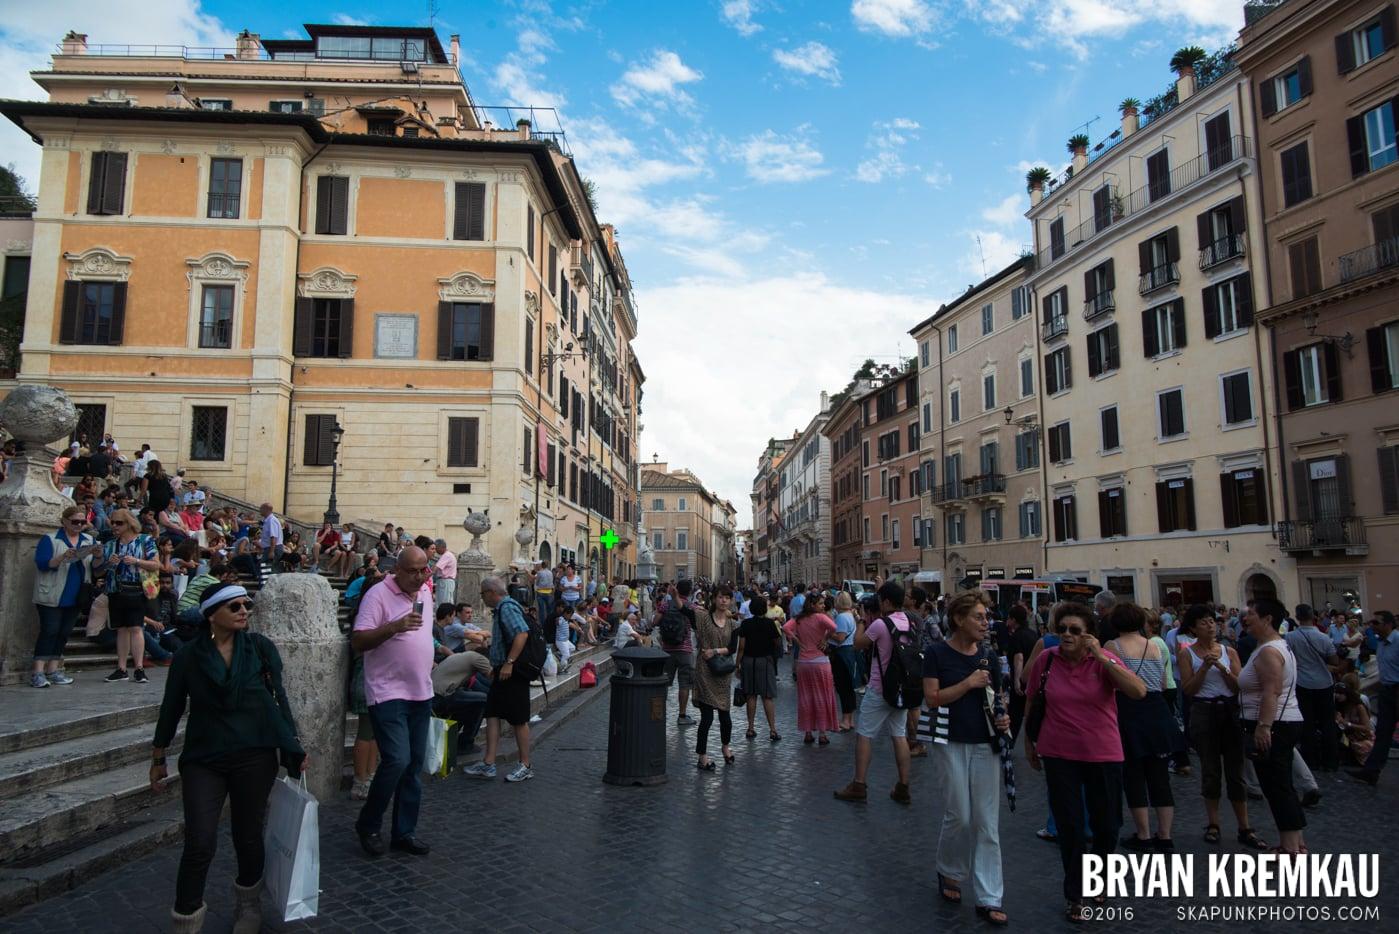 Italy Vacation - Day 3: Rome - 9.11.13 (16)